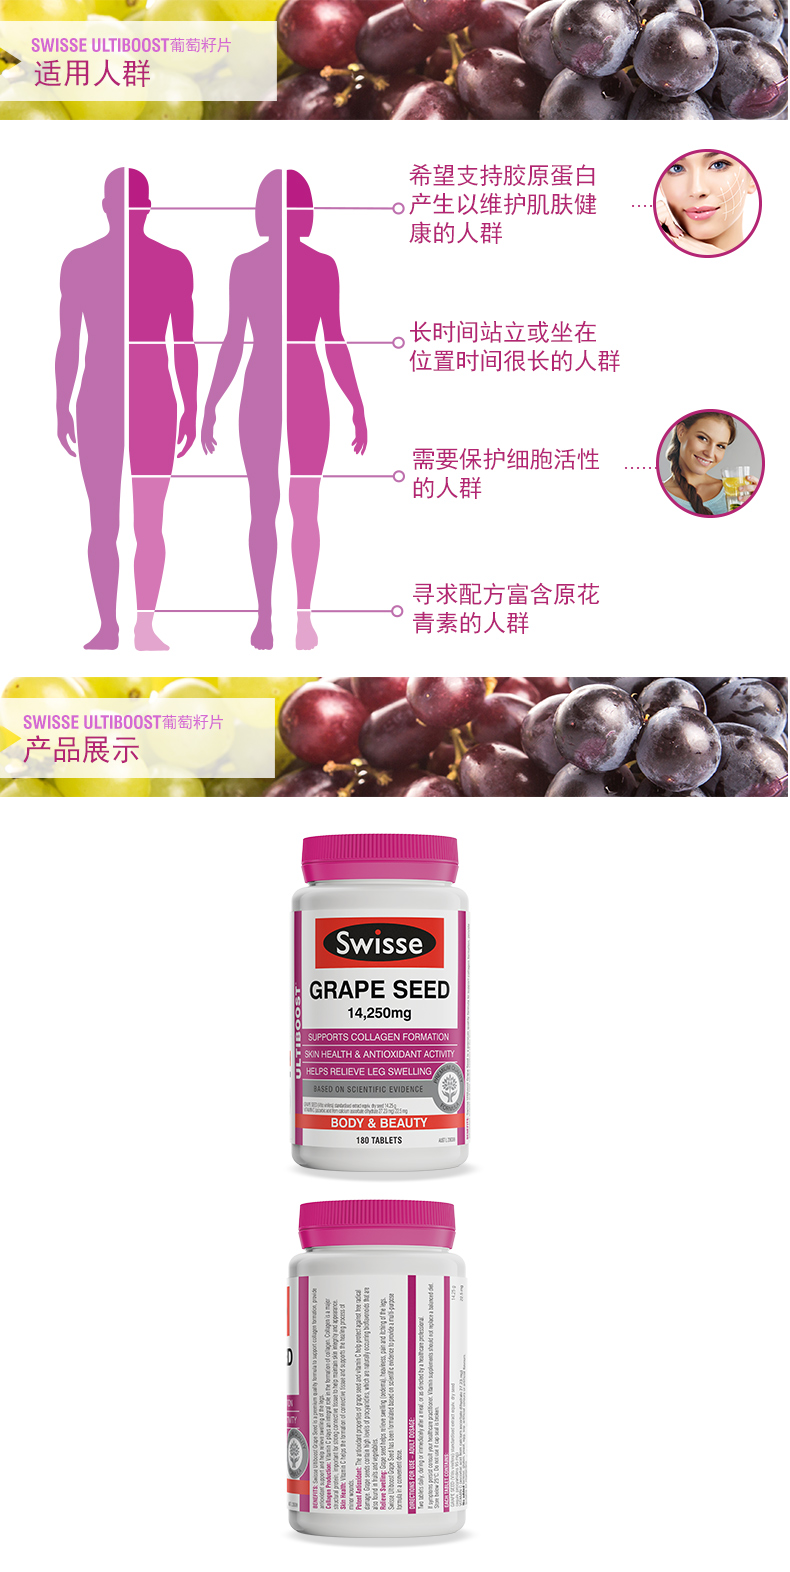 澳洲原装进口swisse葡萄籽片180粒花青素精华提取物OPC缓解肿胀 运动营养 第4张